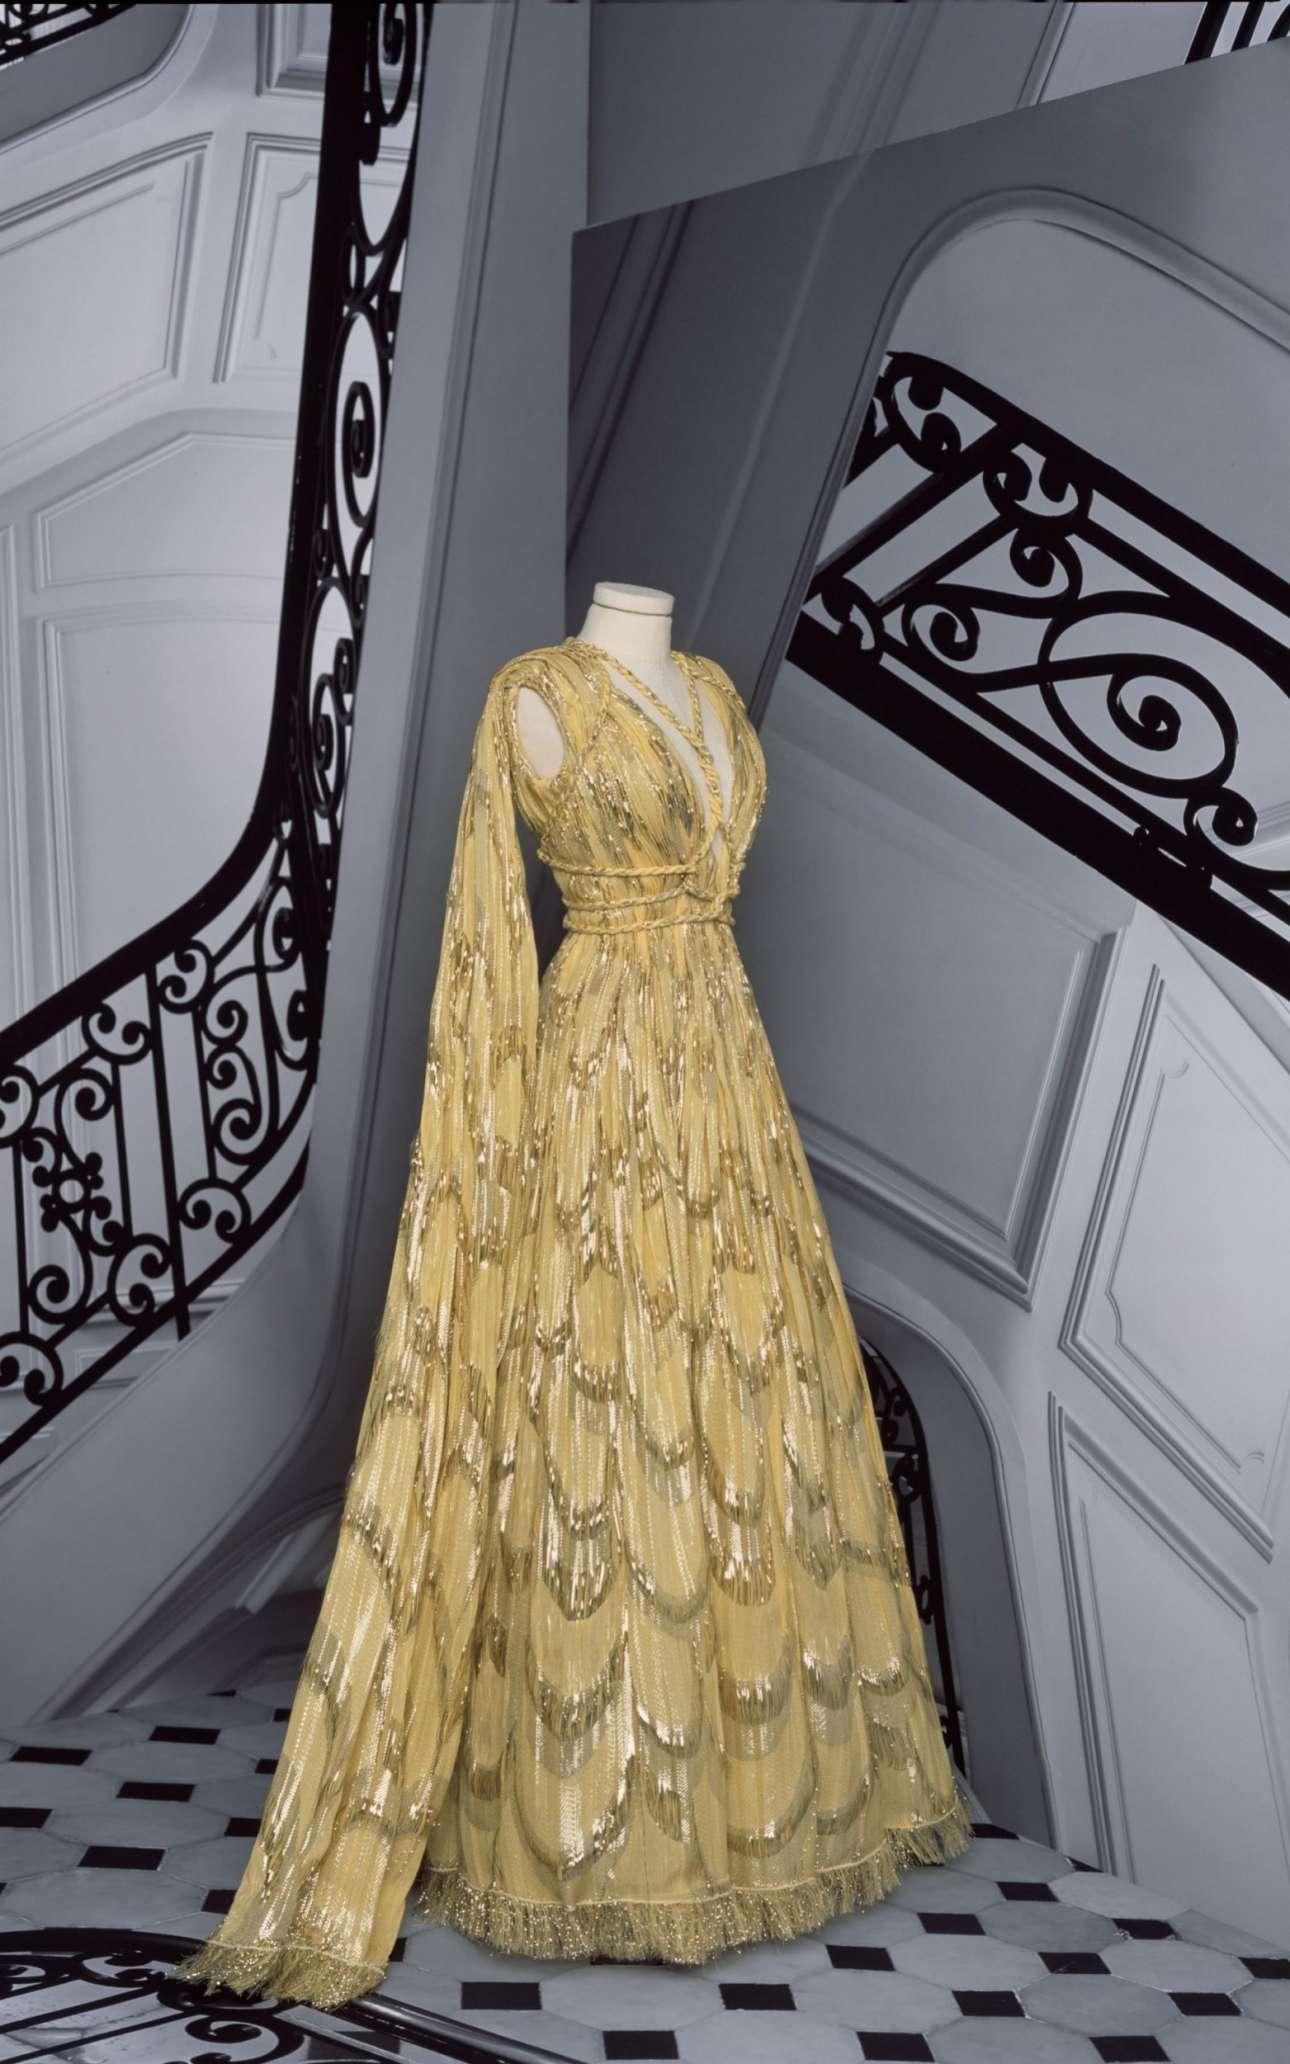 Η καλλιτεχνική διευθύντρια του Christian Dior Μαρία Γκράτσια Κιουρί οραματίζεται τη γυναίκα ως μία σύγχρονη γοργόνα με αυτό το χρυσό, κεντημένο με παγιέτες φόρεμα